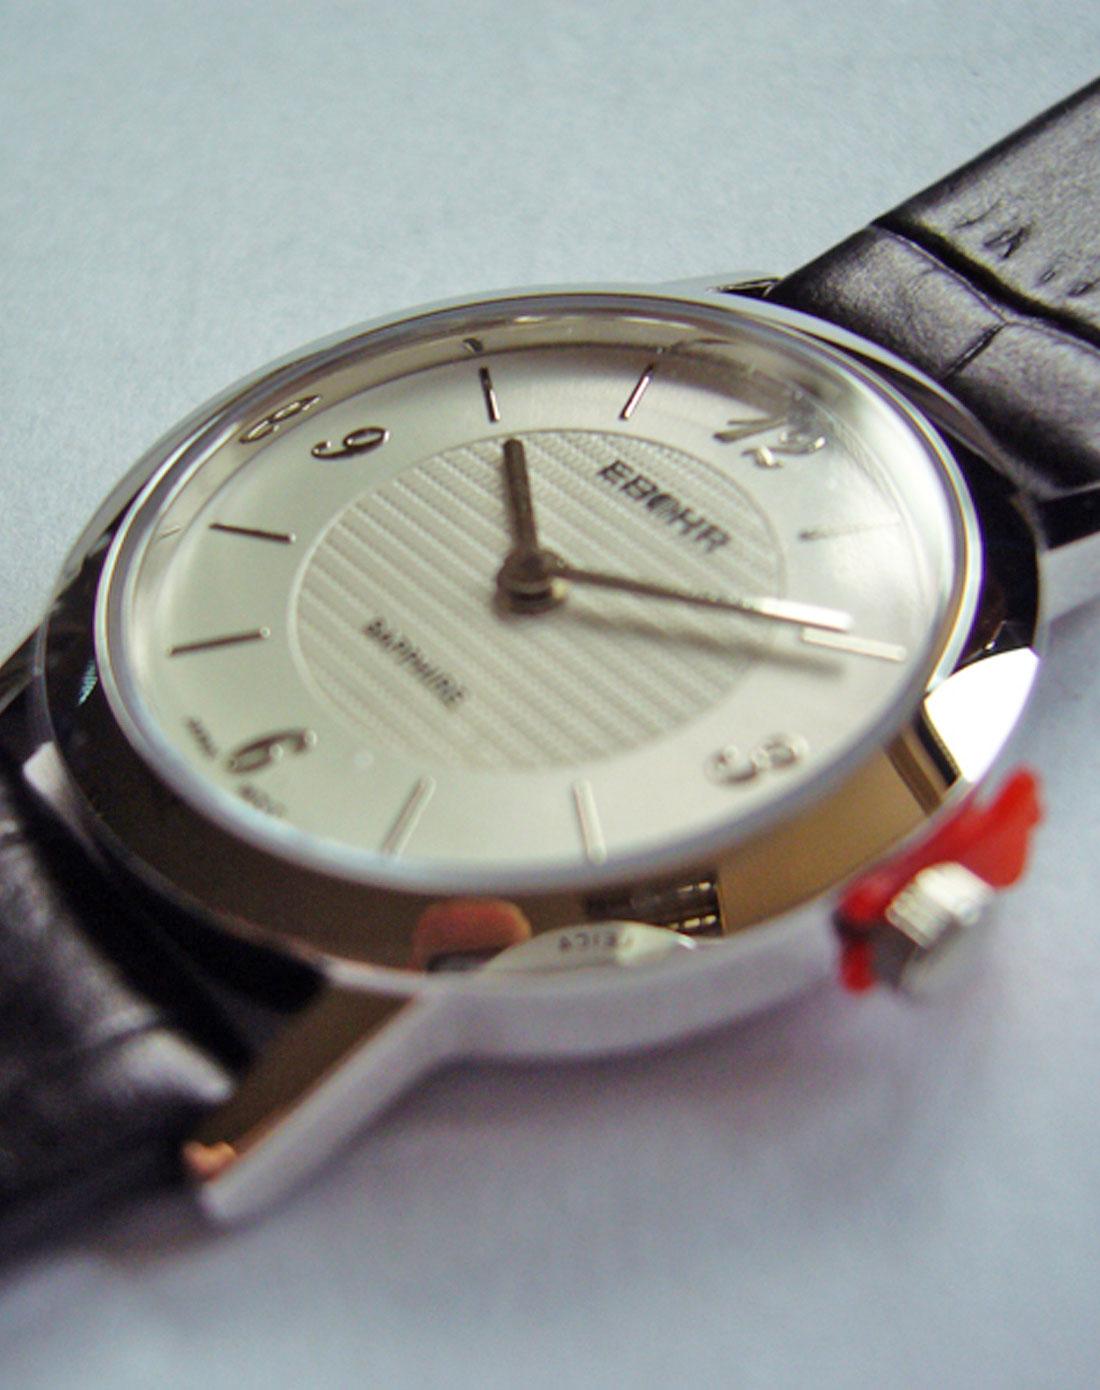 漂亮仿天棱多功能石英表-手表/腕表-7788收藏